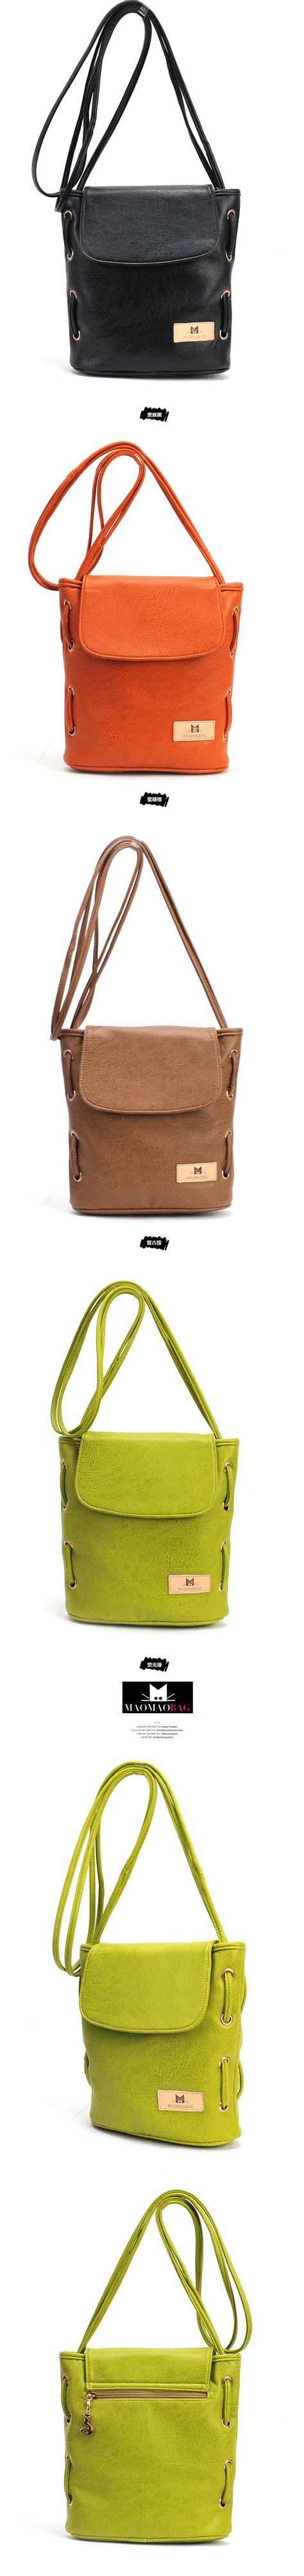 Harga Tas Merk Level tas selempang pria dan tas kulit